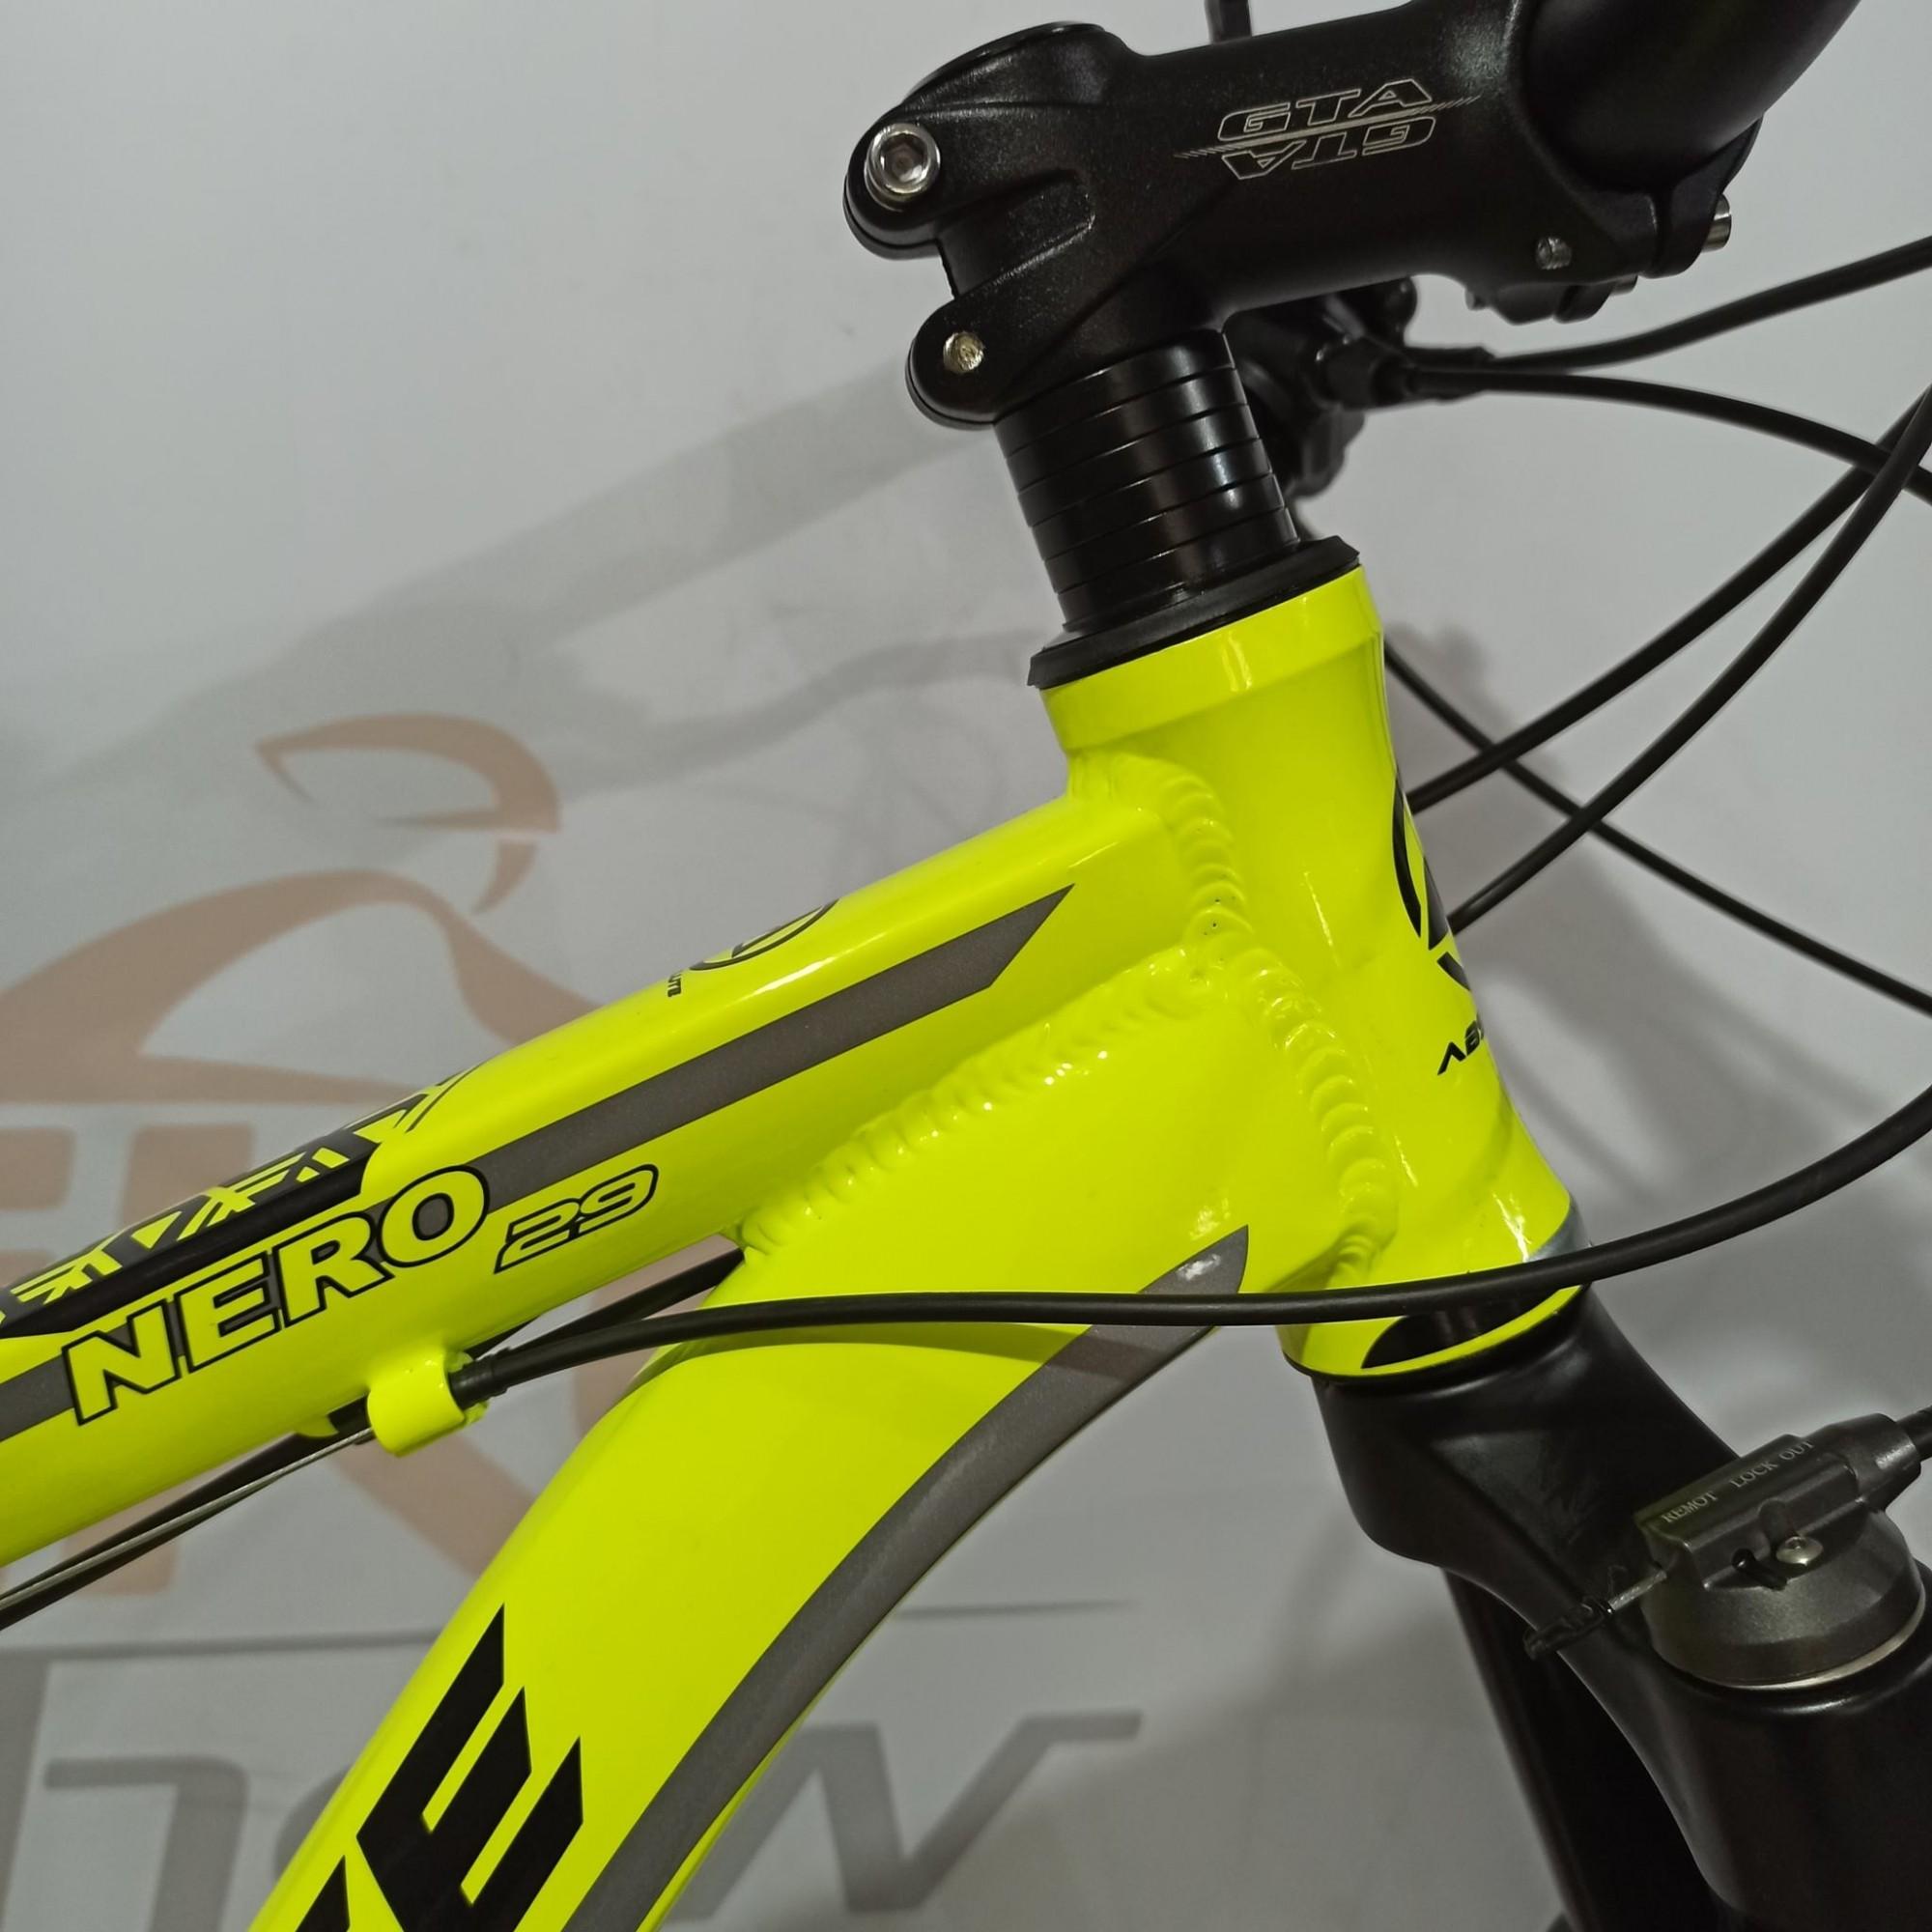 Bicicleta ABSOLUTE Nero aro 29 - 18v X-Time - Freio Absolute Hidráulico - Suspensão Absolute com trava no guidão